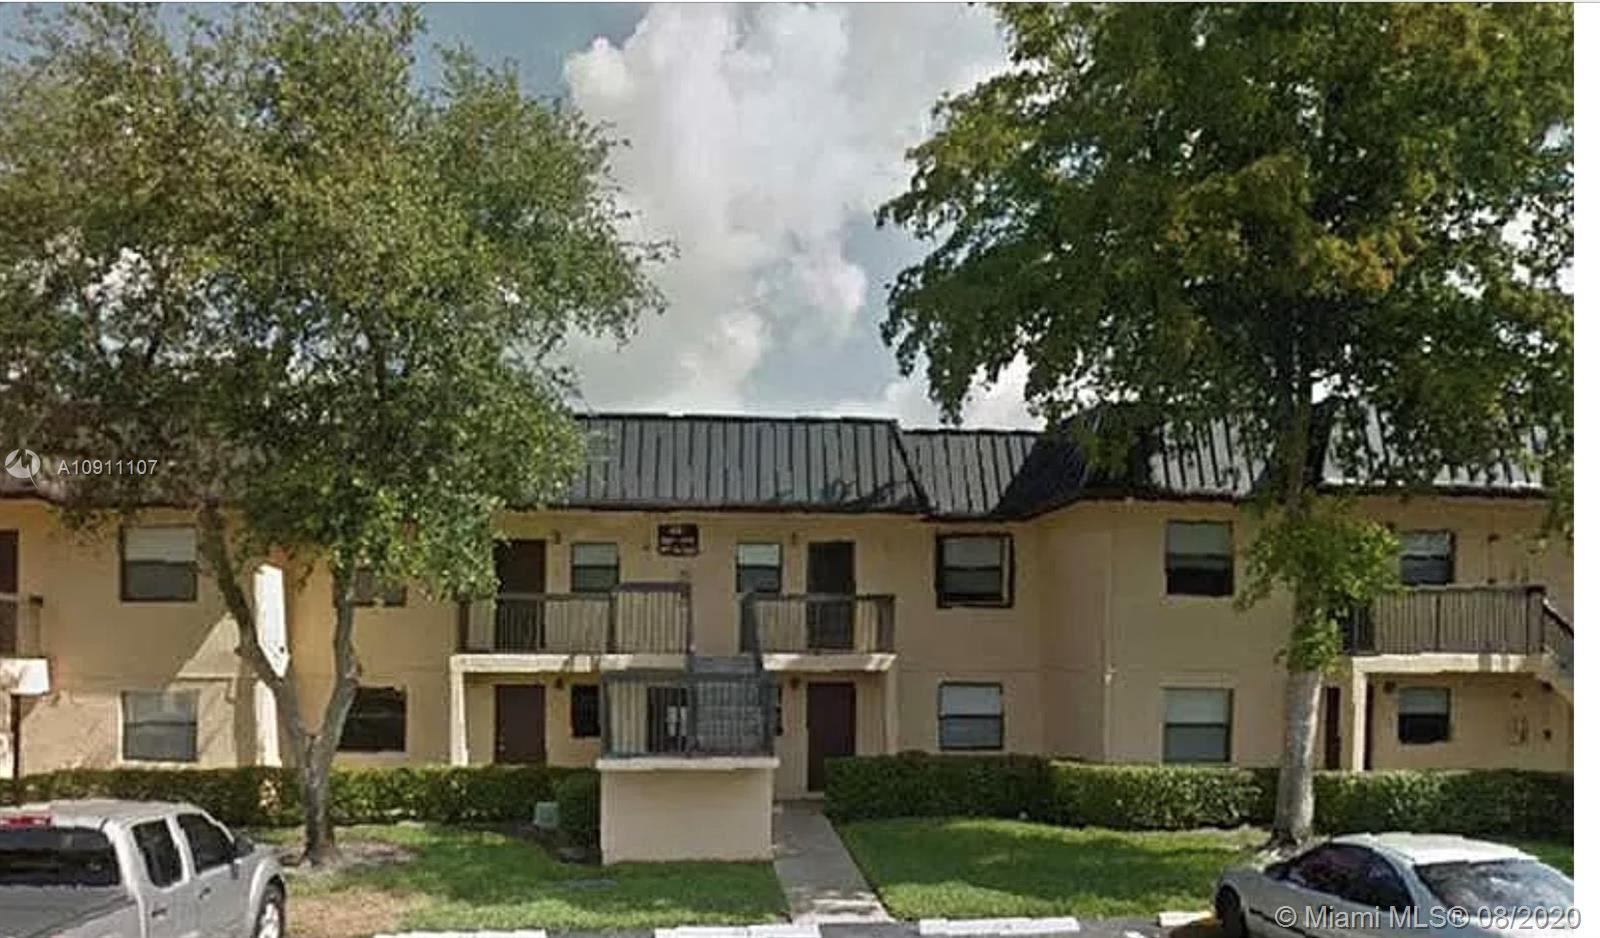 9349 NW 1st Ct #103, Pembroke Pines, FL 33024 - #: A10911107